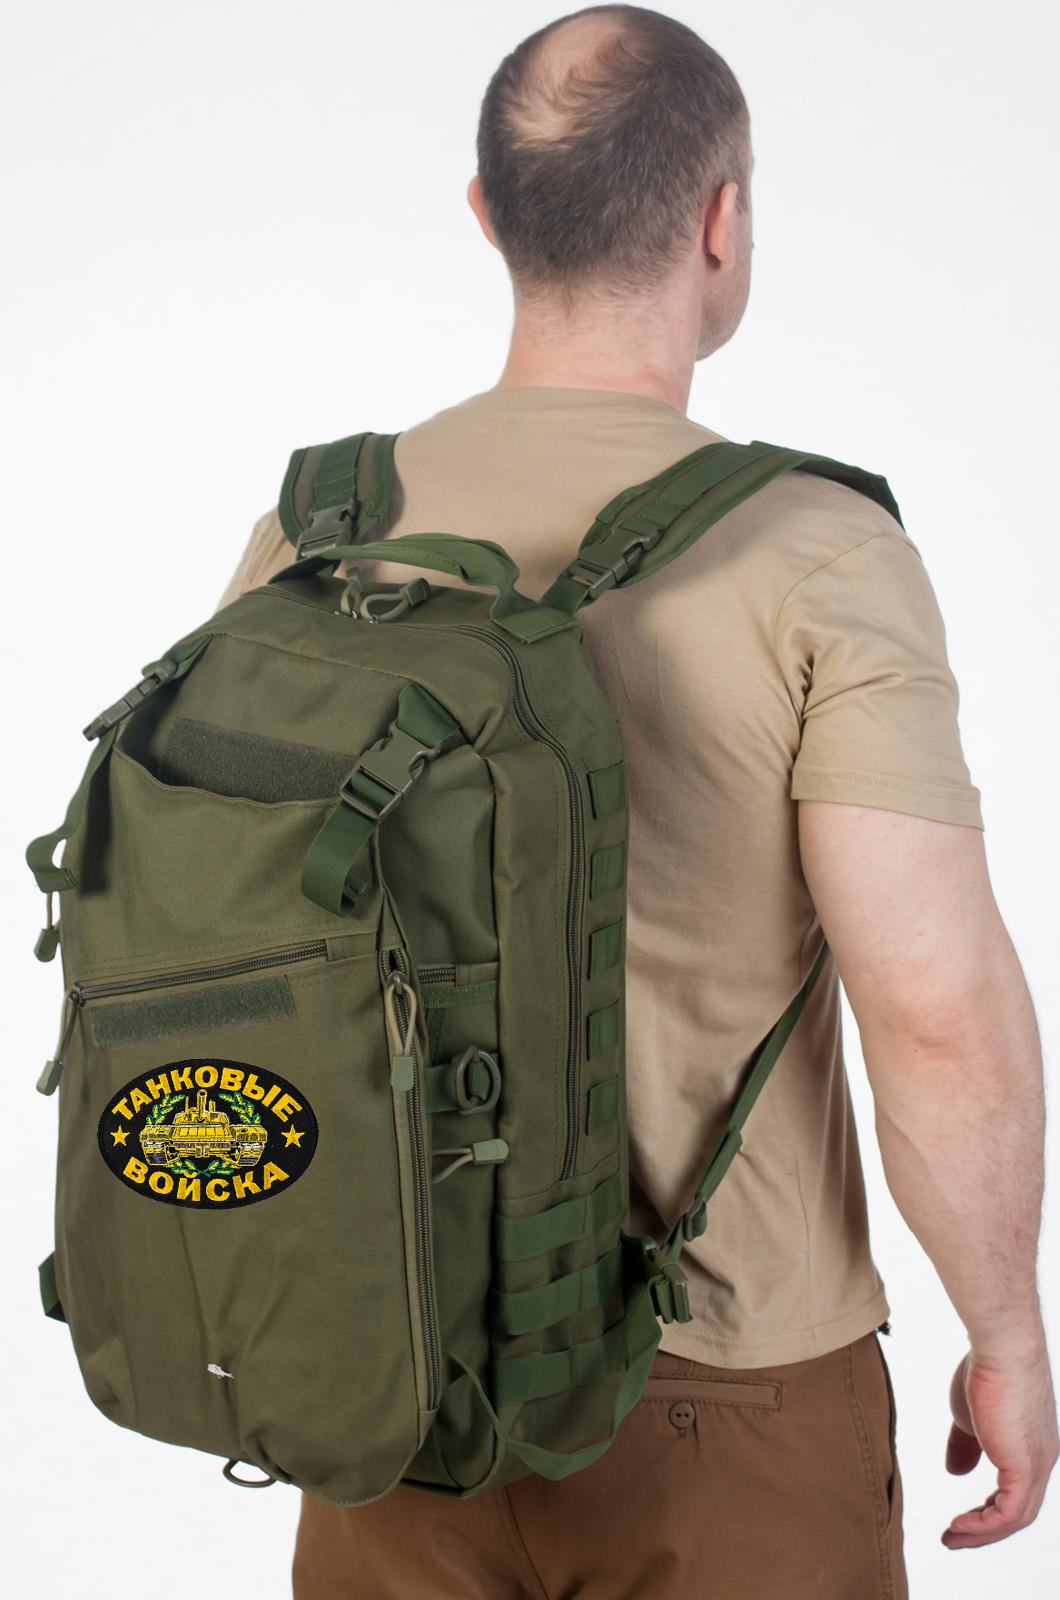 Купить зачетный рейдовый рюкзак Танковых войск по низкой цене